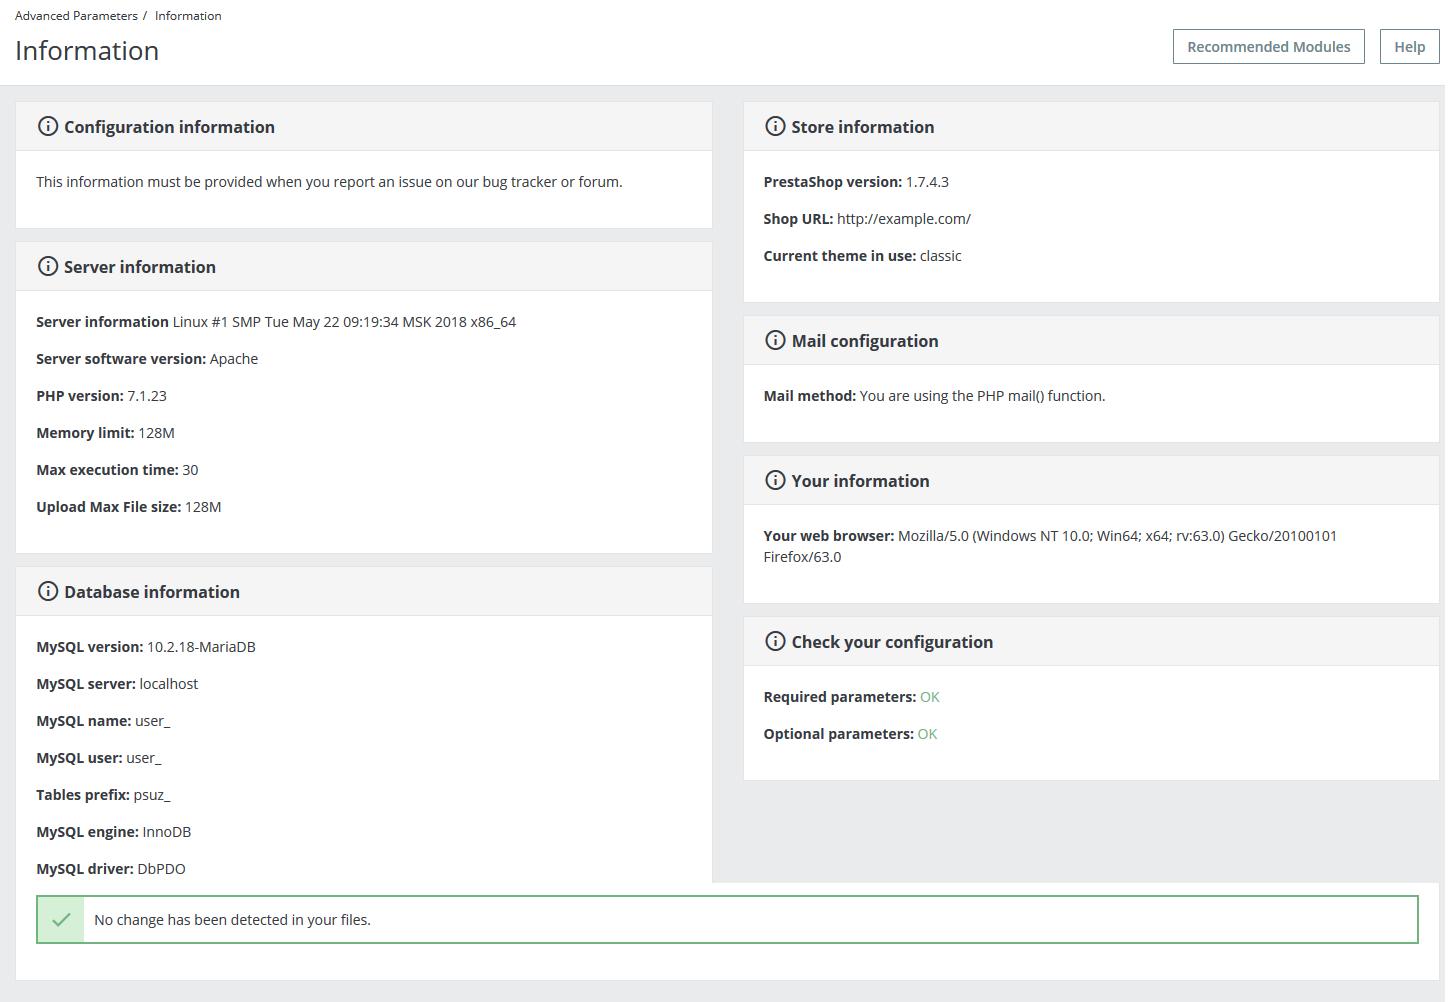 PrestaShop 1.7 settings